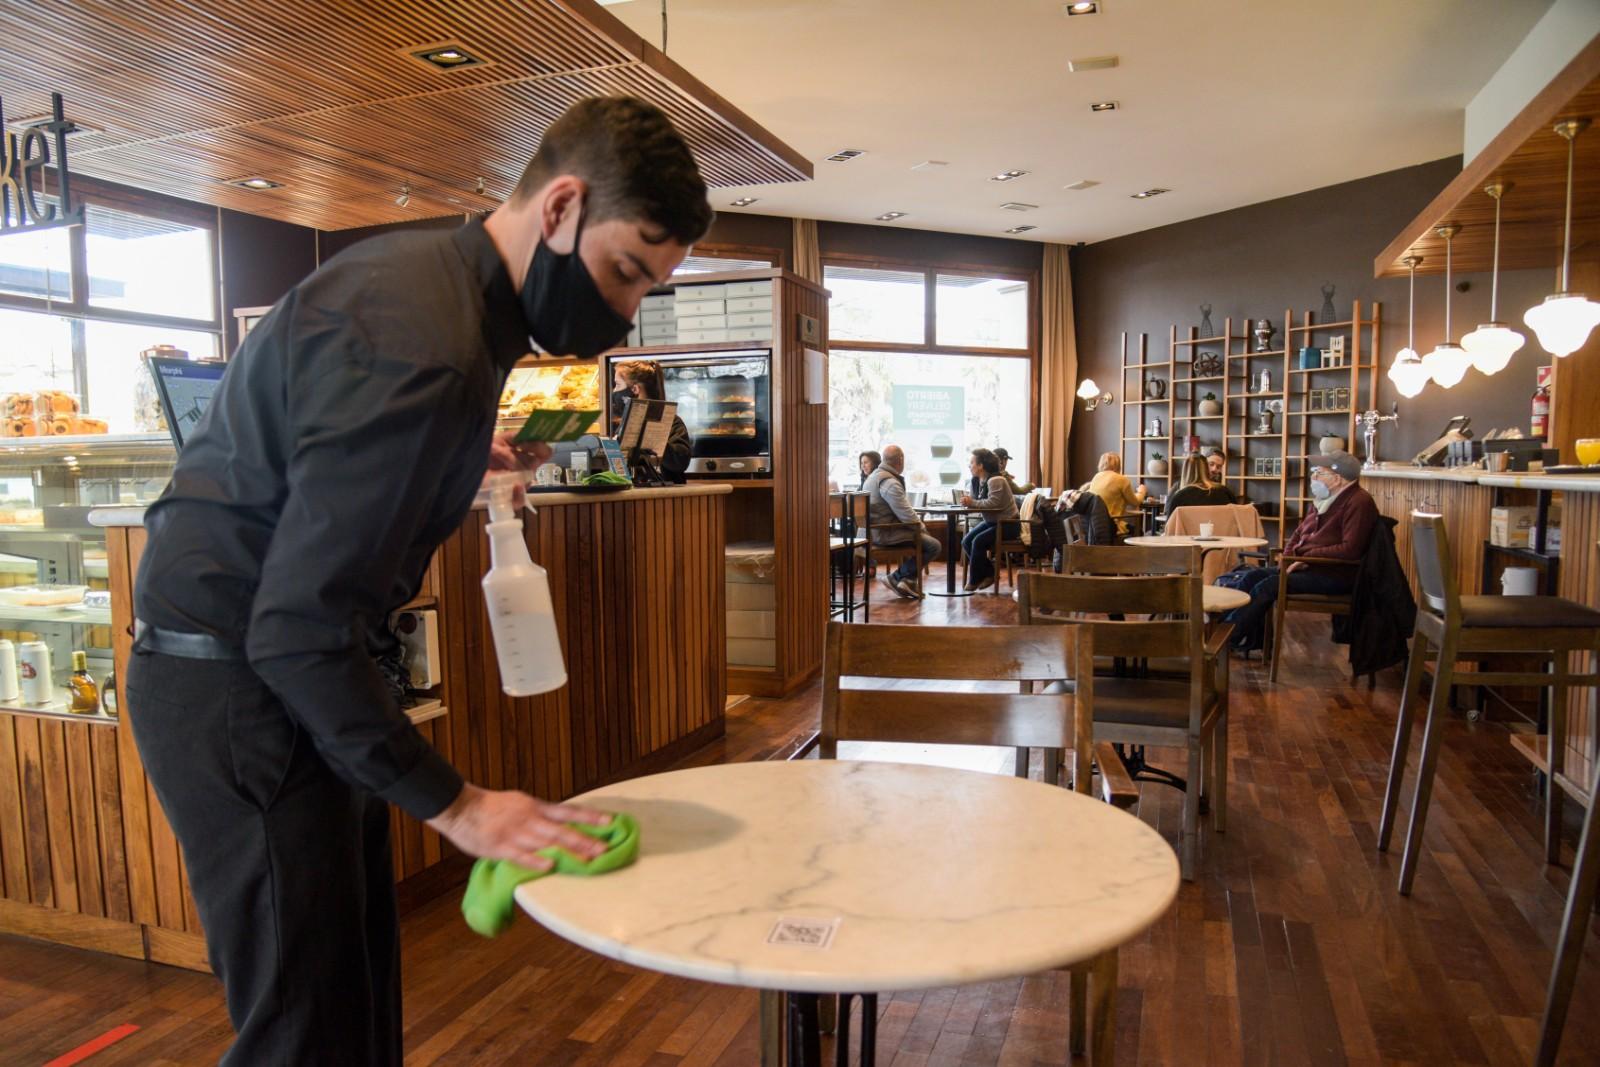 La desinfección de las mesas con alcohol al 70 por ciento es una de las normas que respetan en los locales que abrieron hoy en Mar del Plata. Volvió el trabajo y no hubo ni una sola clausura